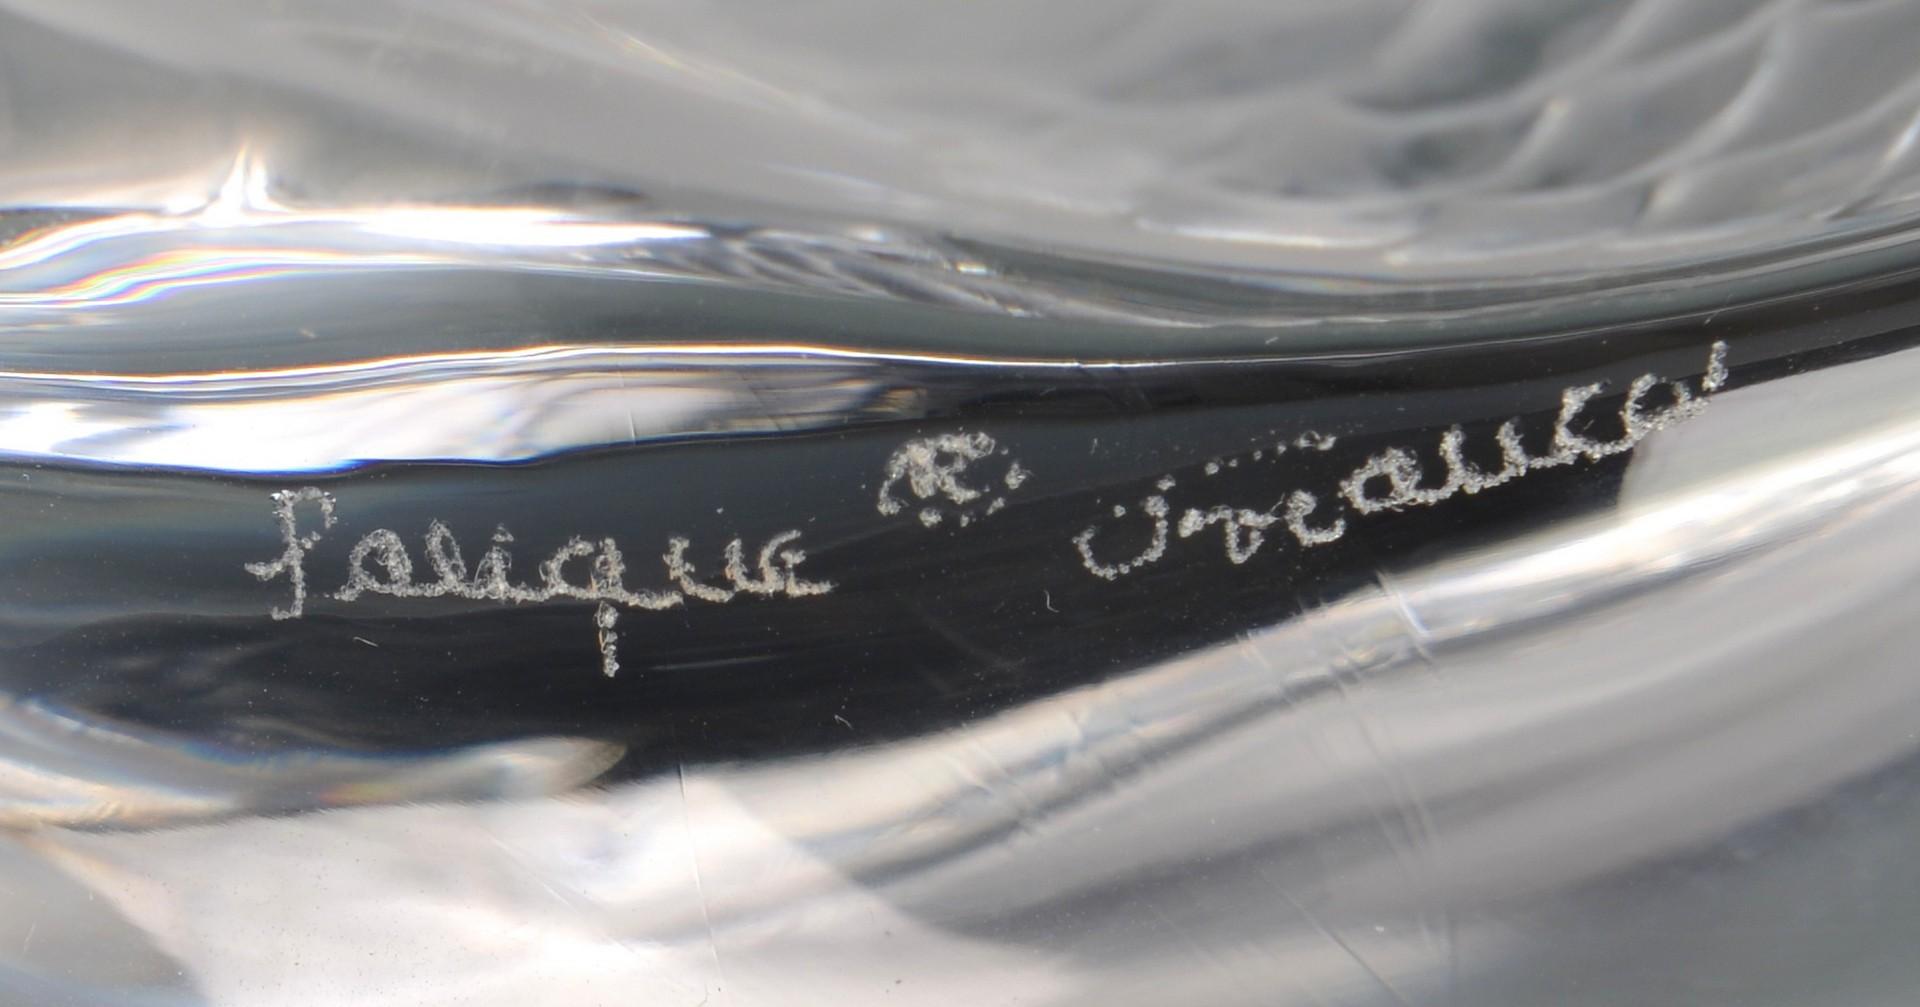 Lot 476: Lalique Pisces Sculpture, Deux Poissons